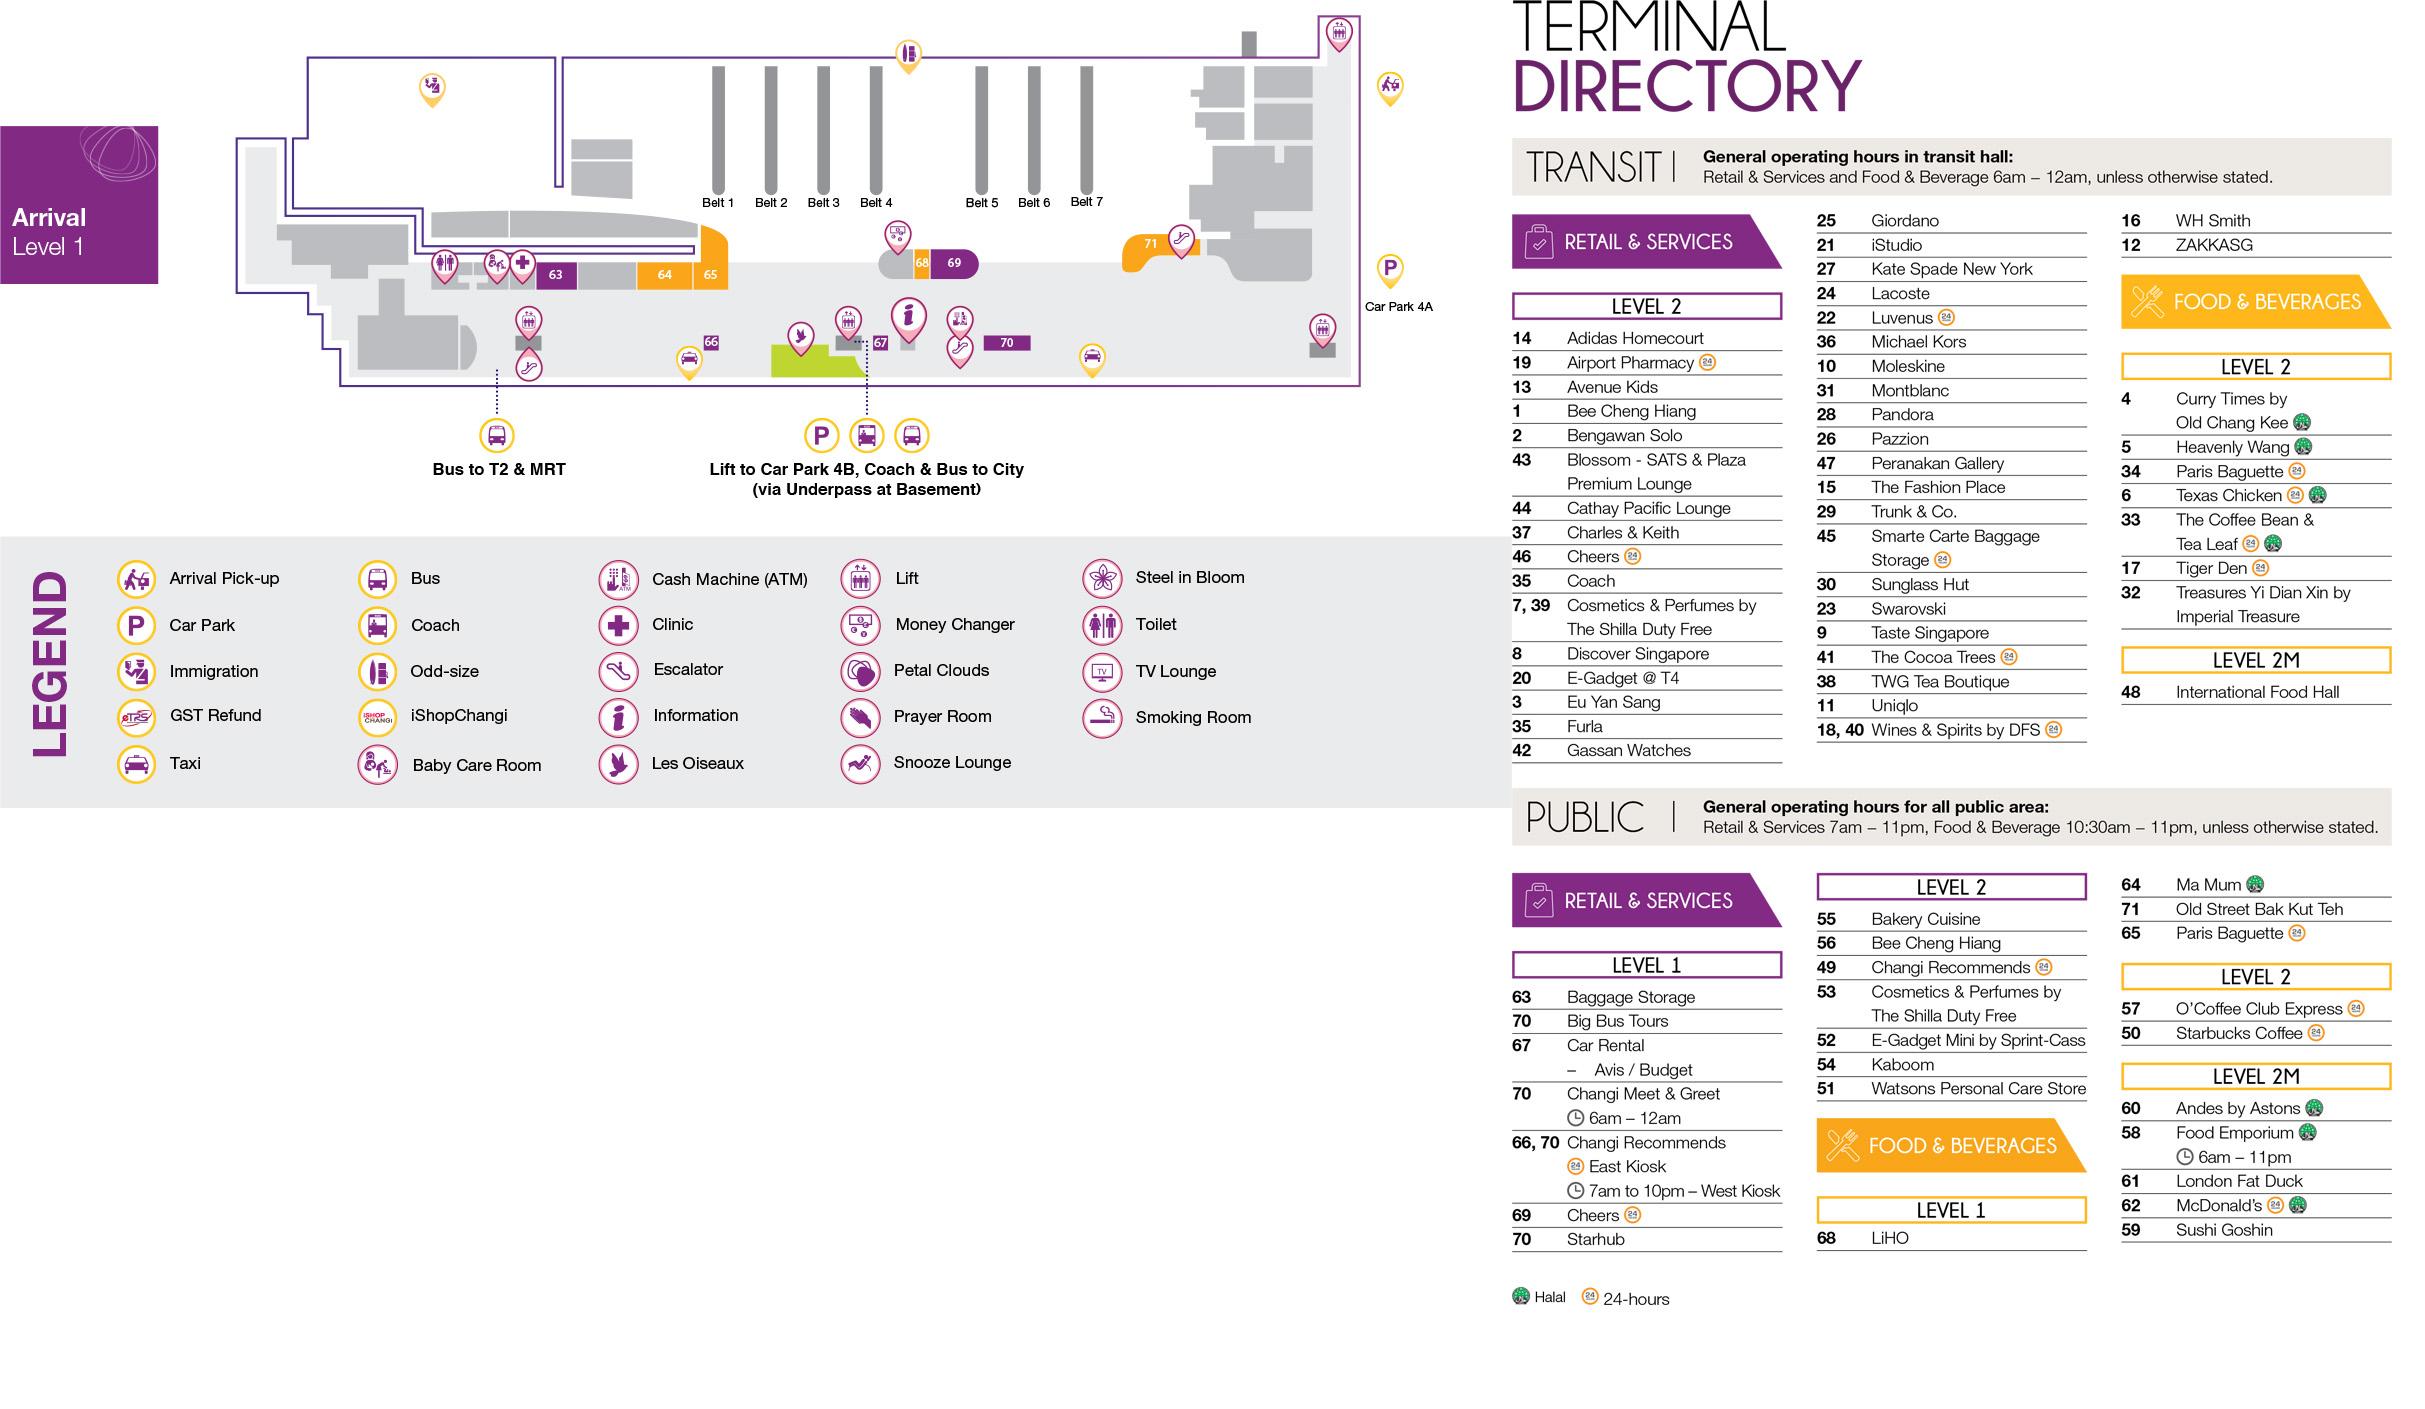 Changi Airport Singapore Map (SIN) - Printable Terminal Maps ... on changi terminal 3 map, singapore aerial map, singapore state map, singapore changi, singapore maps and directions, singapore bridge, singapore walking tour map, singapore tourist map, singapore asia, singapore hotel map, singapore harbor map, singapore city, singapore district map, bukit bintang kuala lumpur map, singapore coordinates, singapore cruise terminal, singapore map 2105,